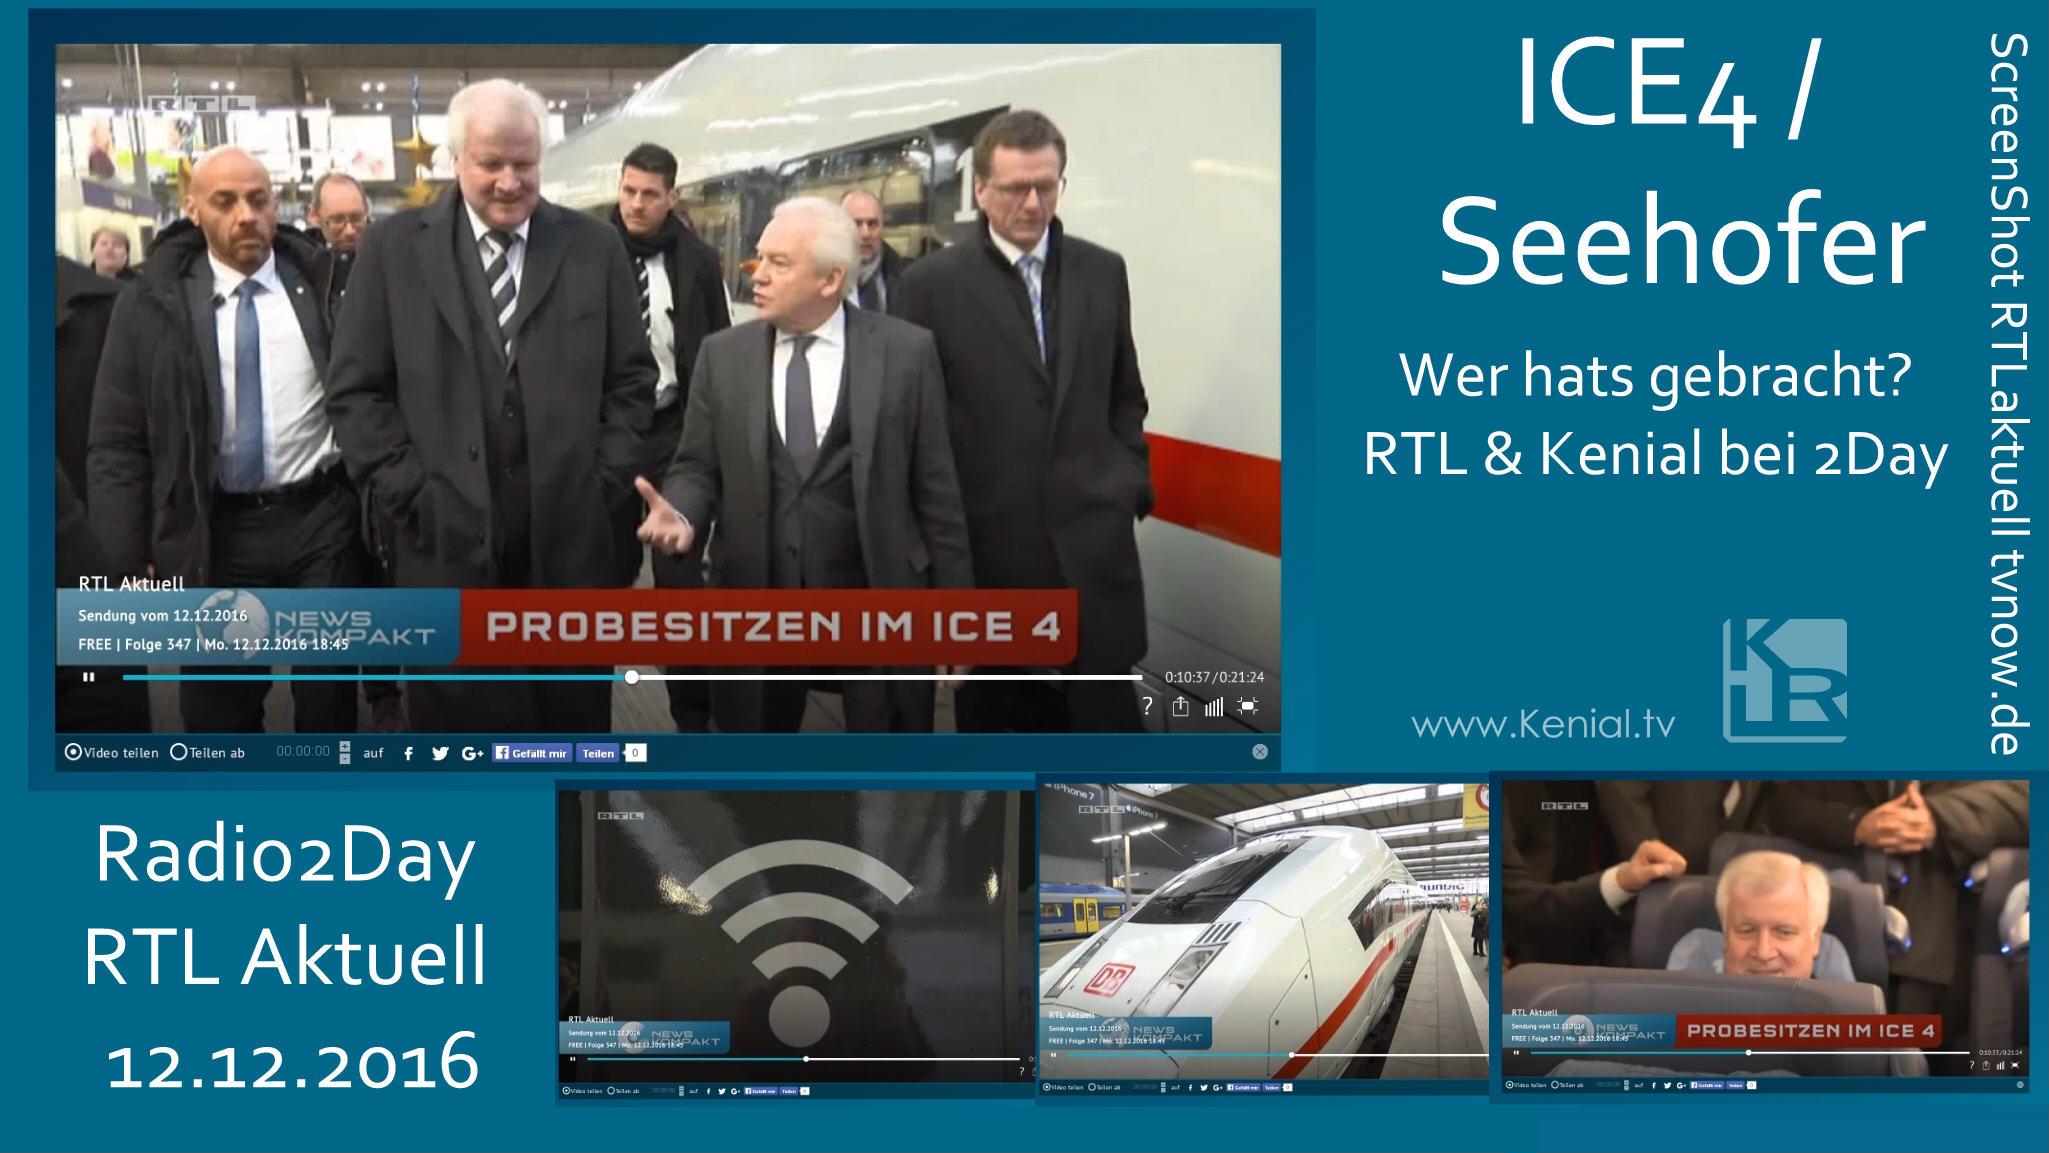 Der neue ICE4 mit Seehofer